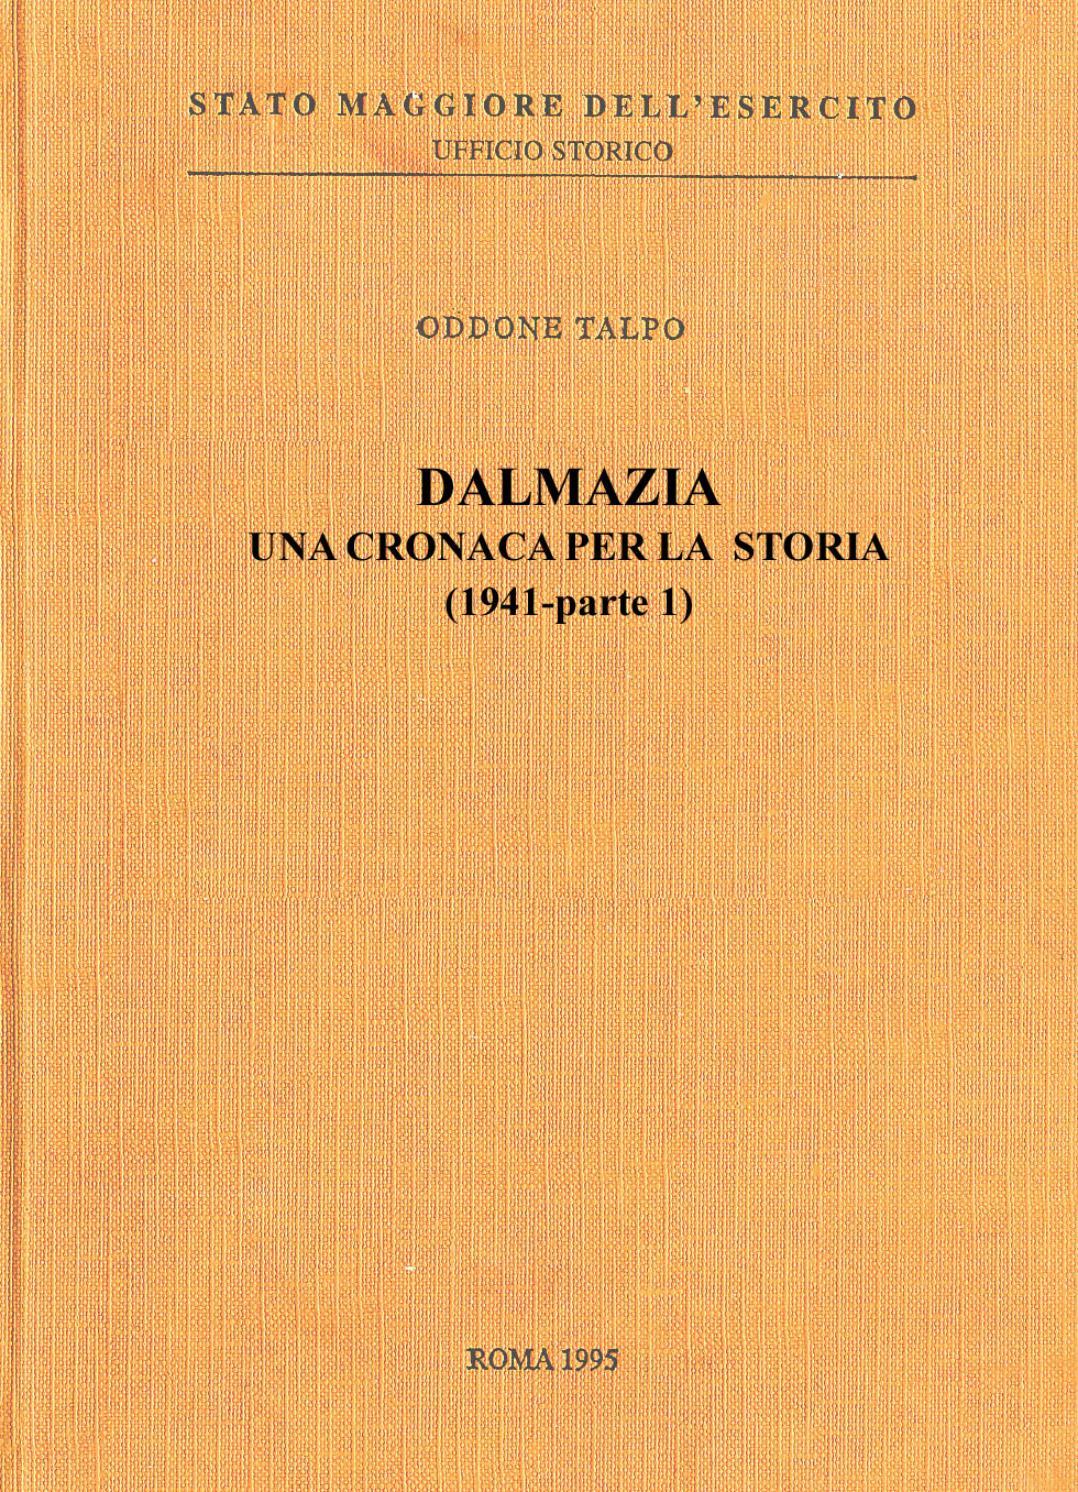 Dalmazia Italiana Cartina.Dalmazia Una Cronaca Per La Storia 1941 Parte 1 By Biblioteca Militare Issuu